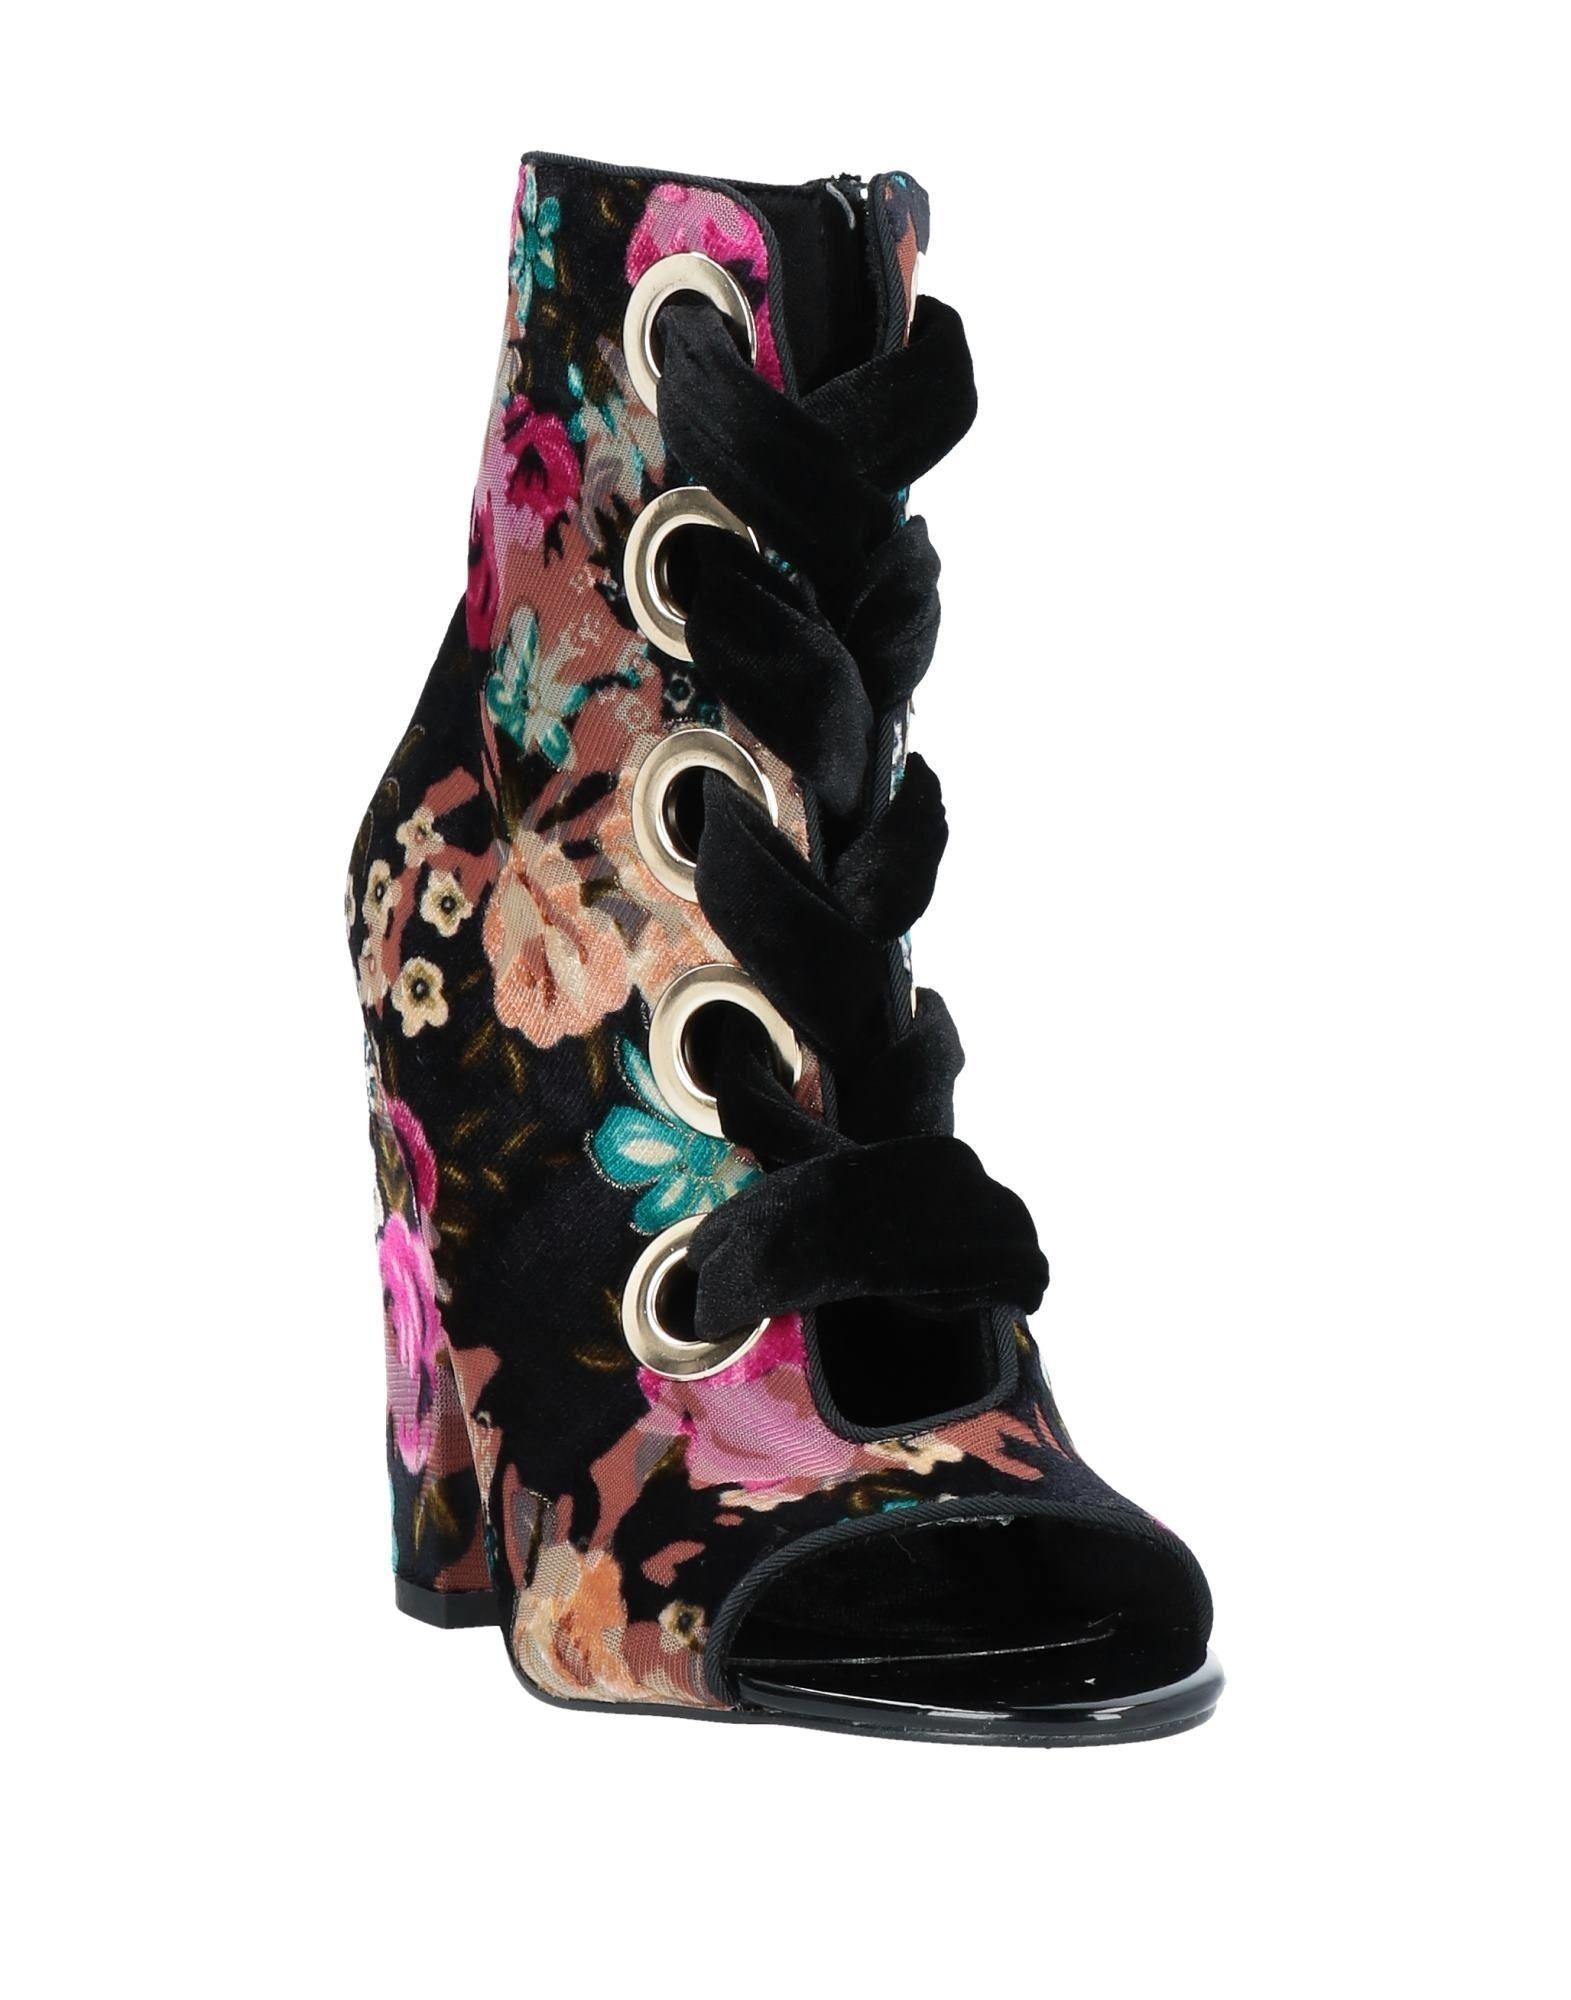 Botines de caña alta Privileged de Terciopelo de color Negro